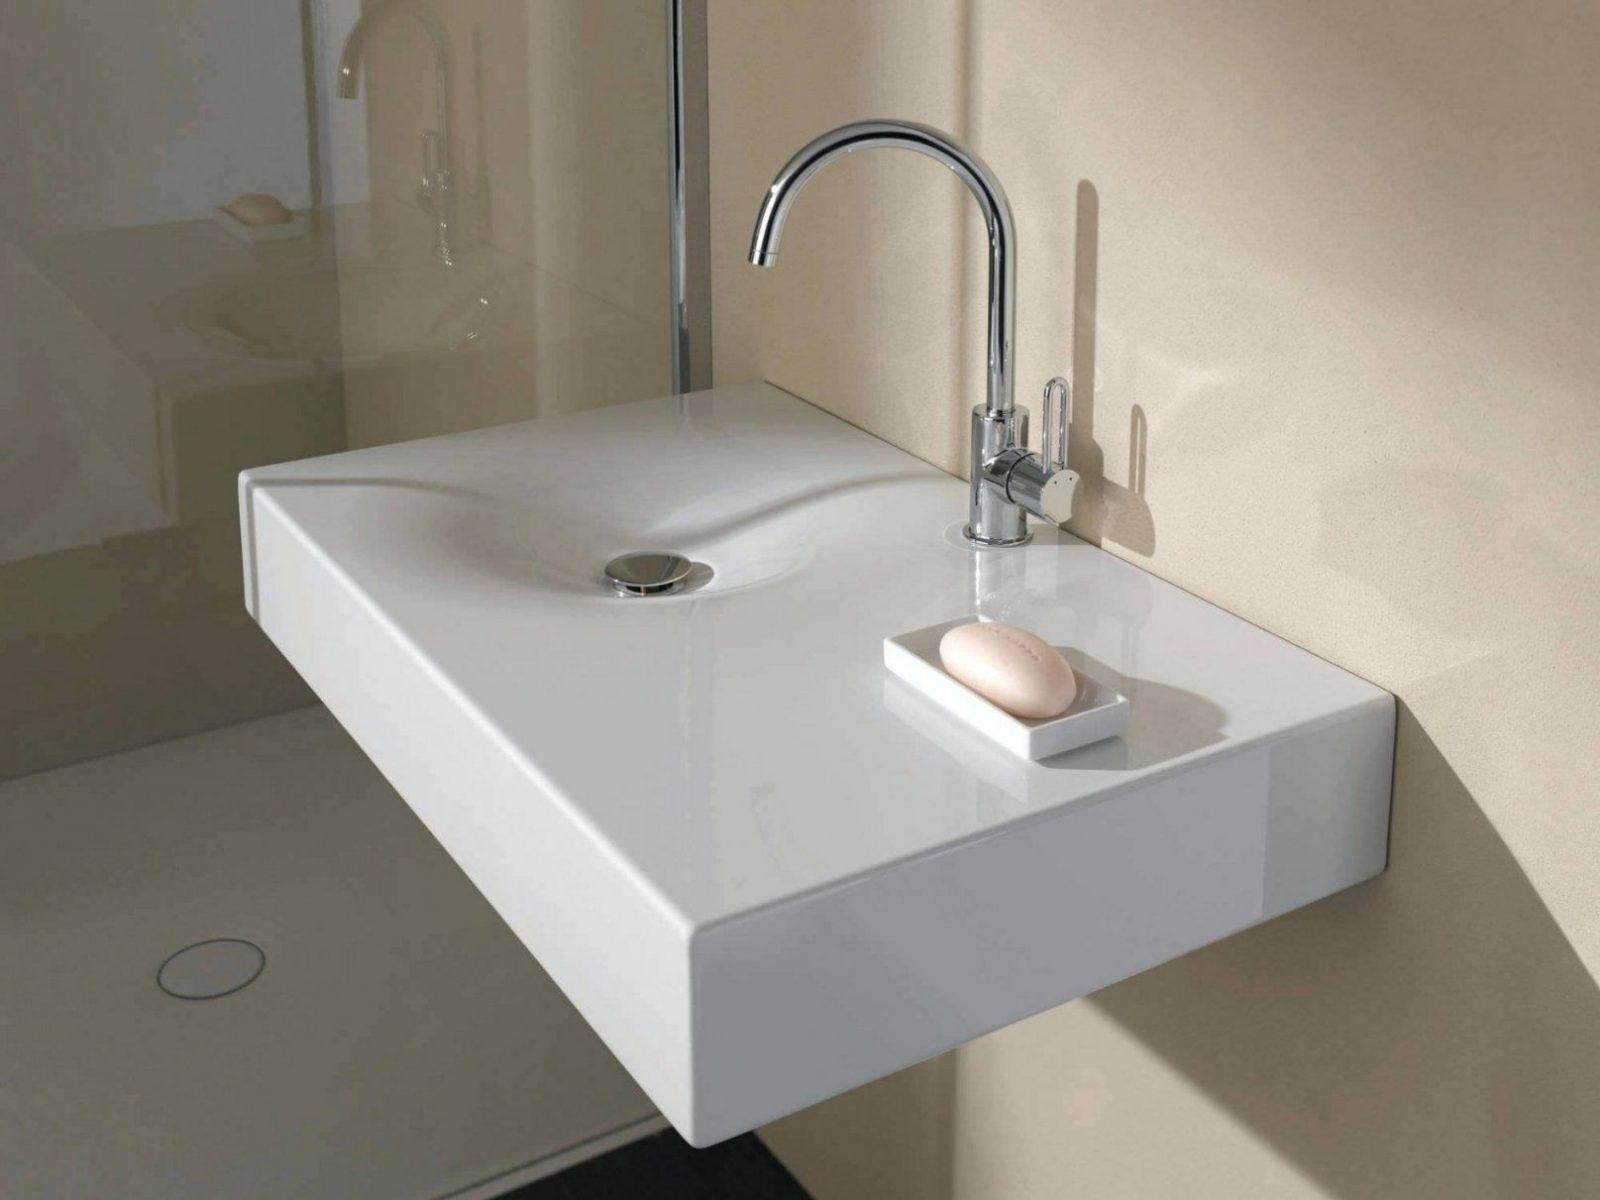 Waschtisch 40 Cm Breit Waschtisch Mit Cm Breit Waschbecken Mit Cm von Waschtisch 40 Cm Tief Photo